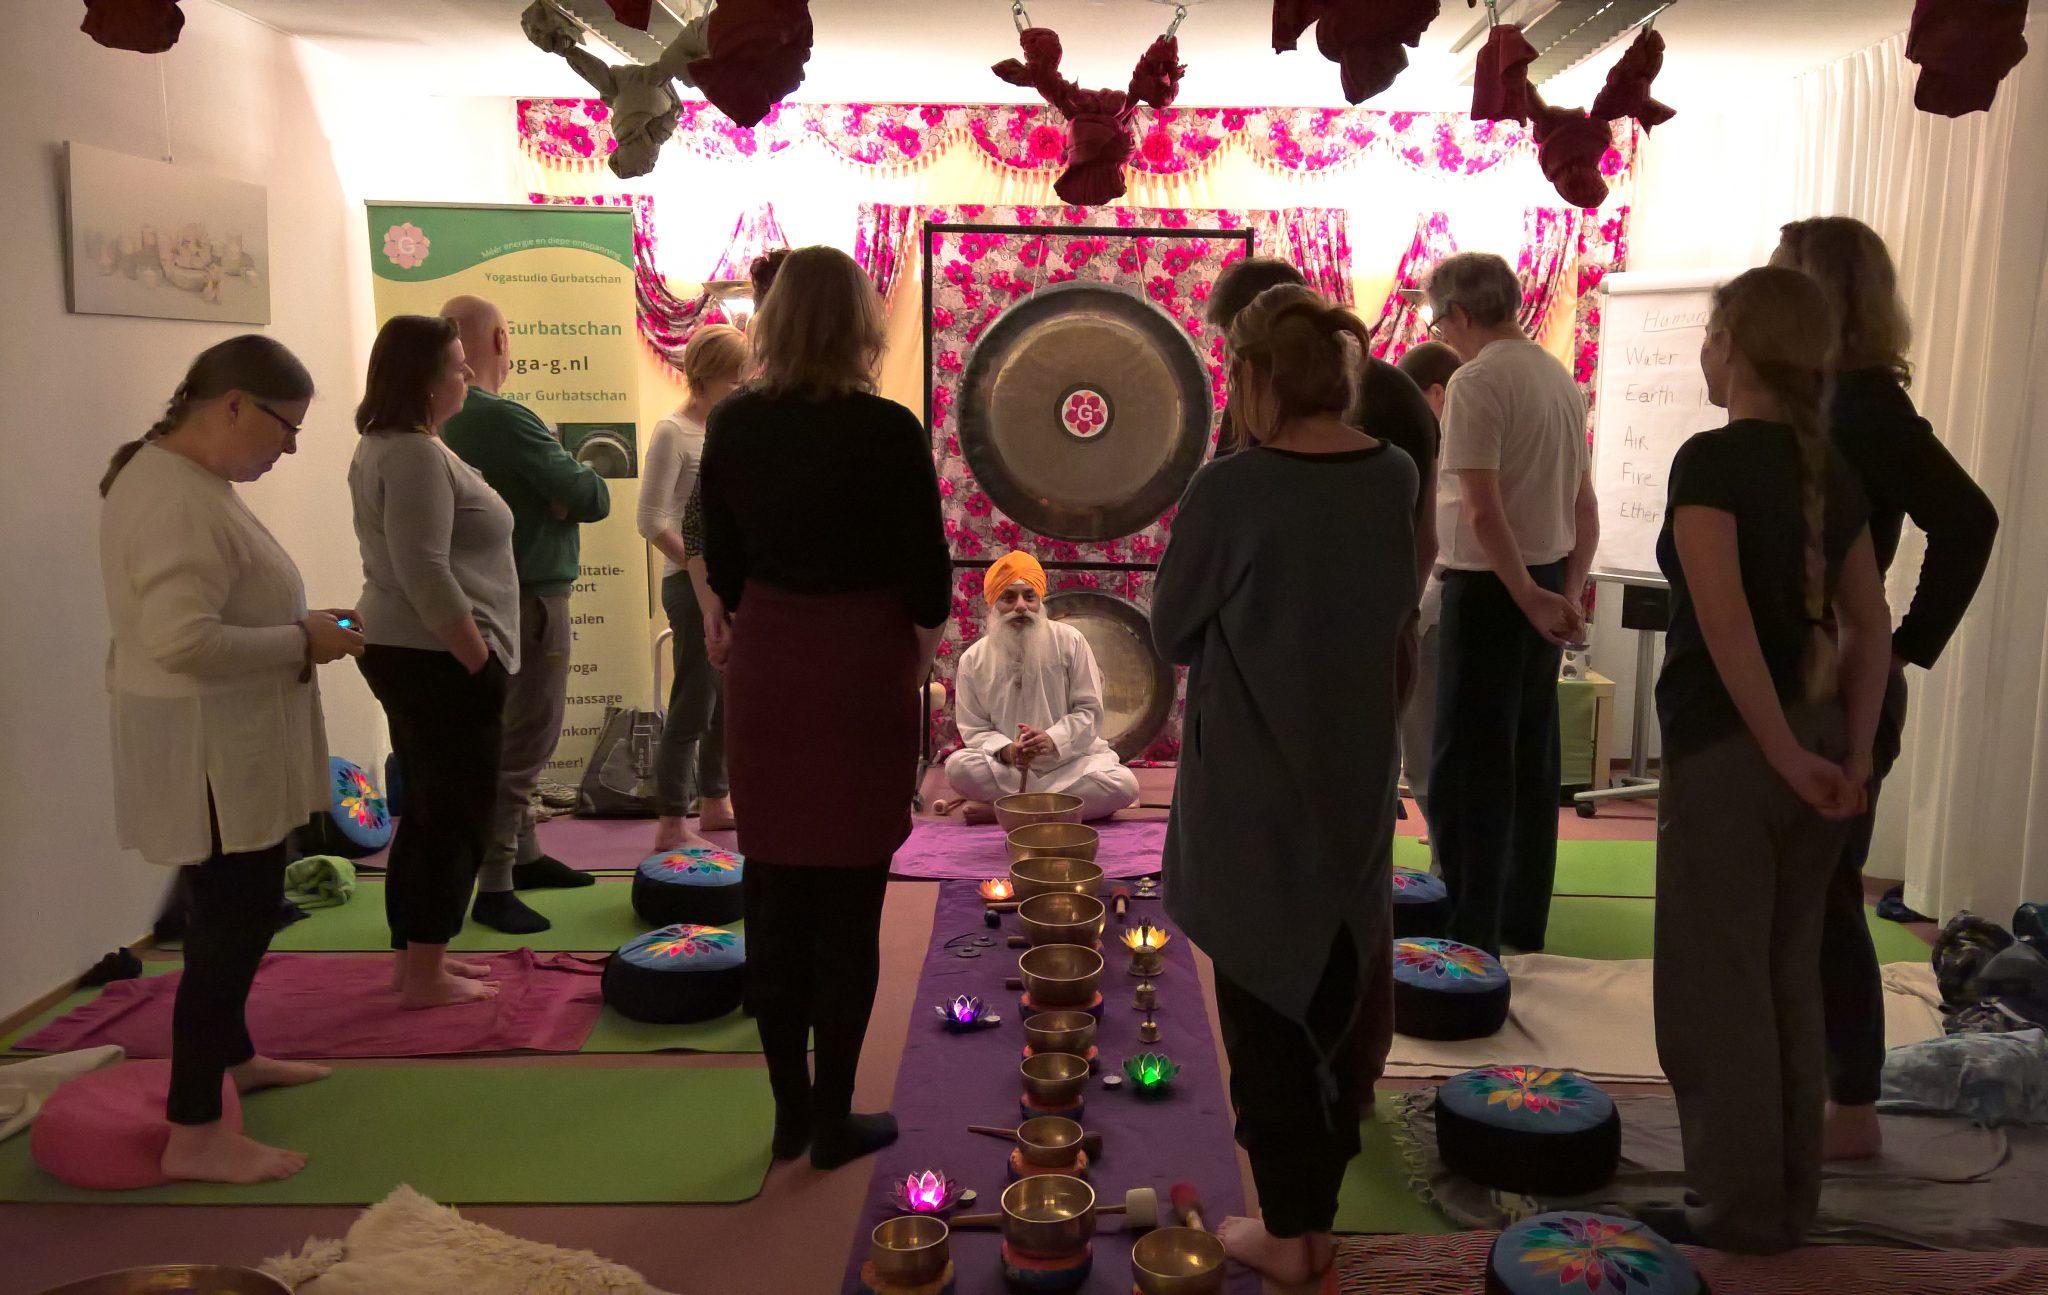 Gong en klankschalen healing meditatie - Yogastudio Gurbatschan Amersfoort